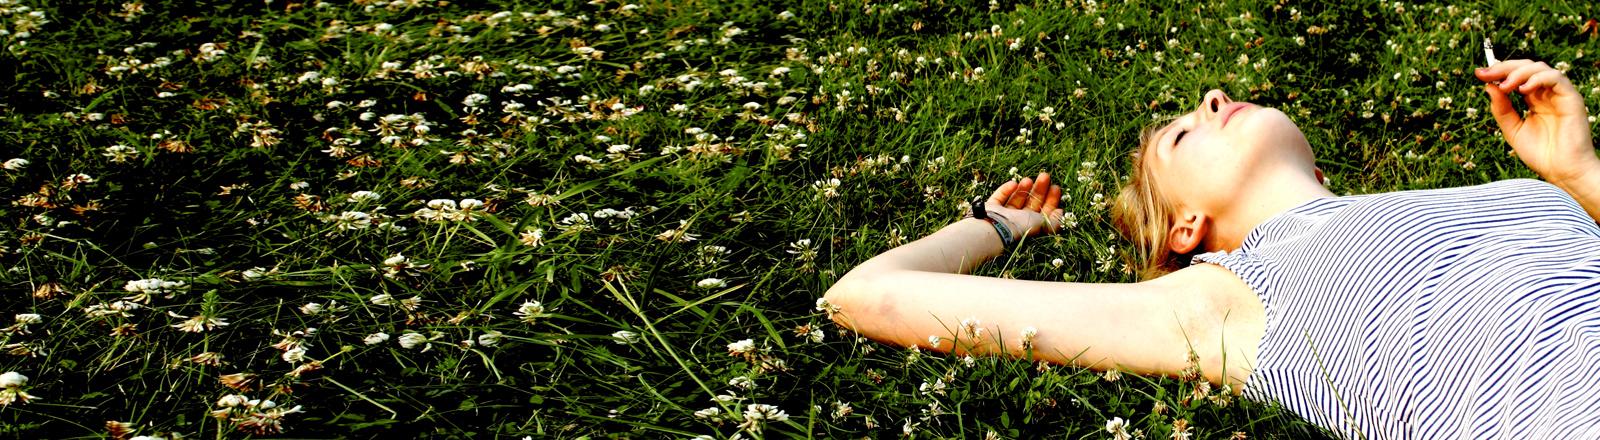 Eine junge Frau liegt rauchend auf einer Wiese.